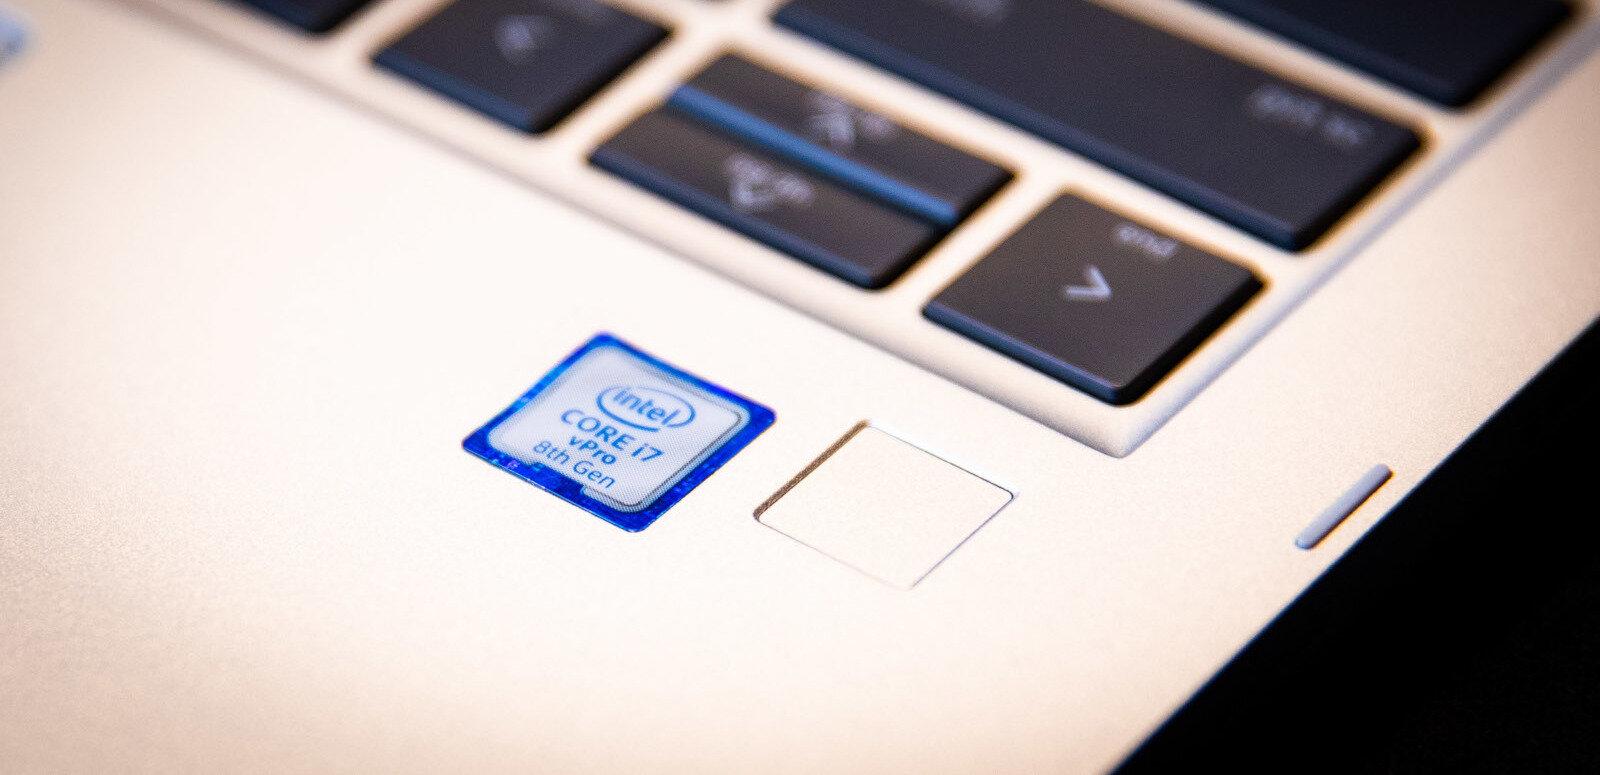 Intel met à jour sa plateforme vPro mobile : processeurs Whiskey Lake et Wi-Fi 6